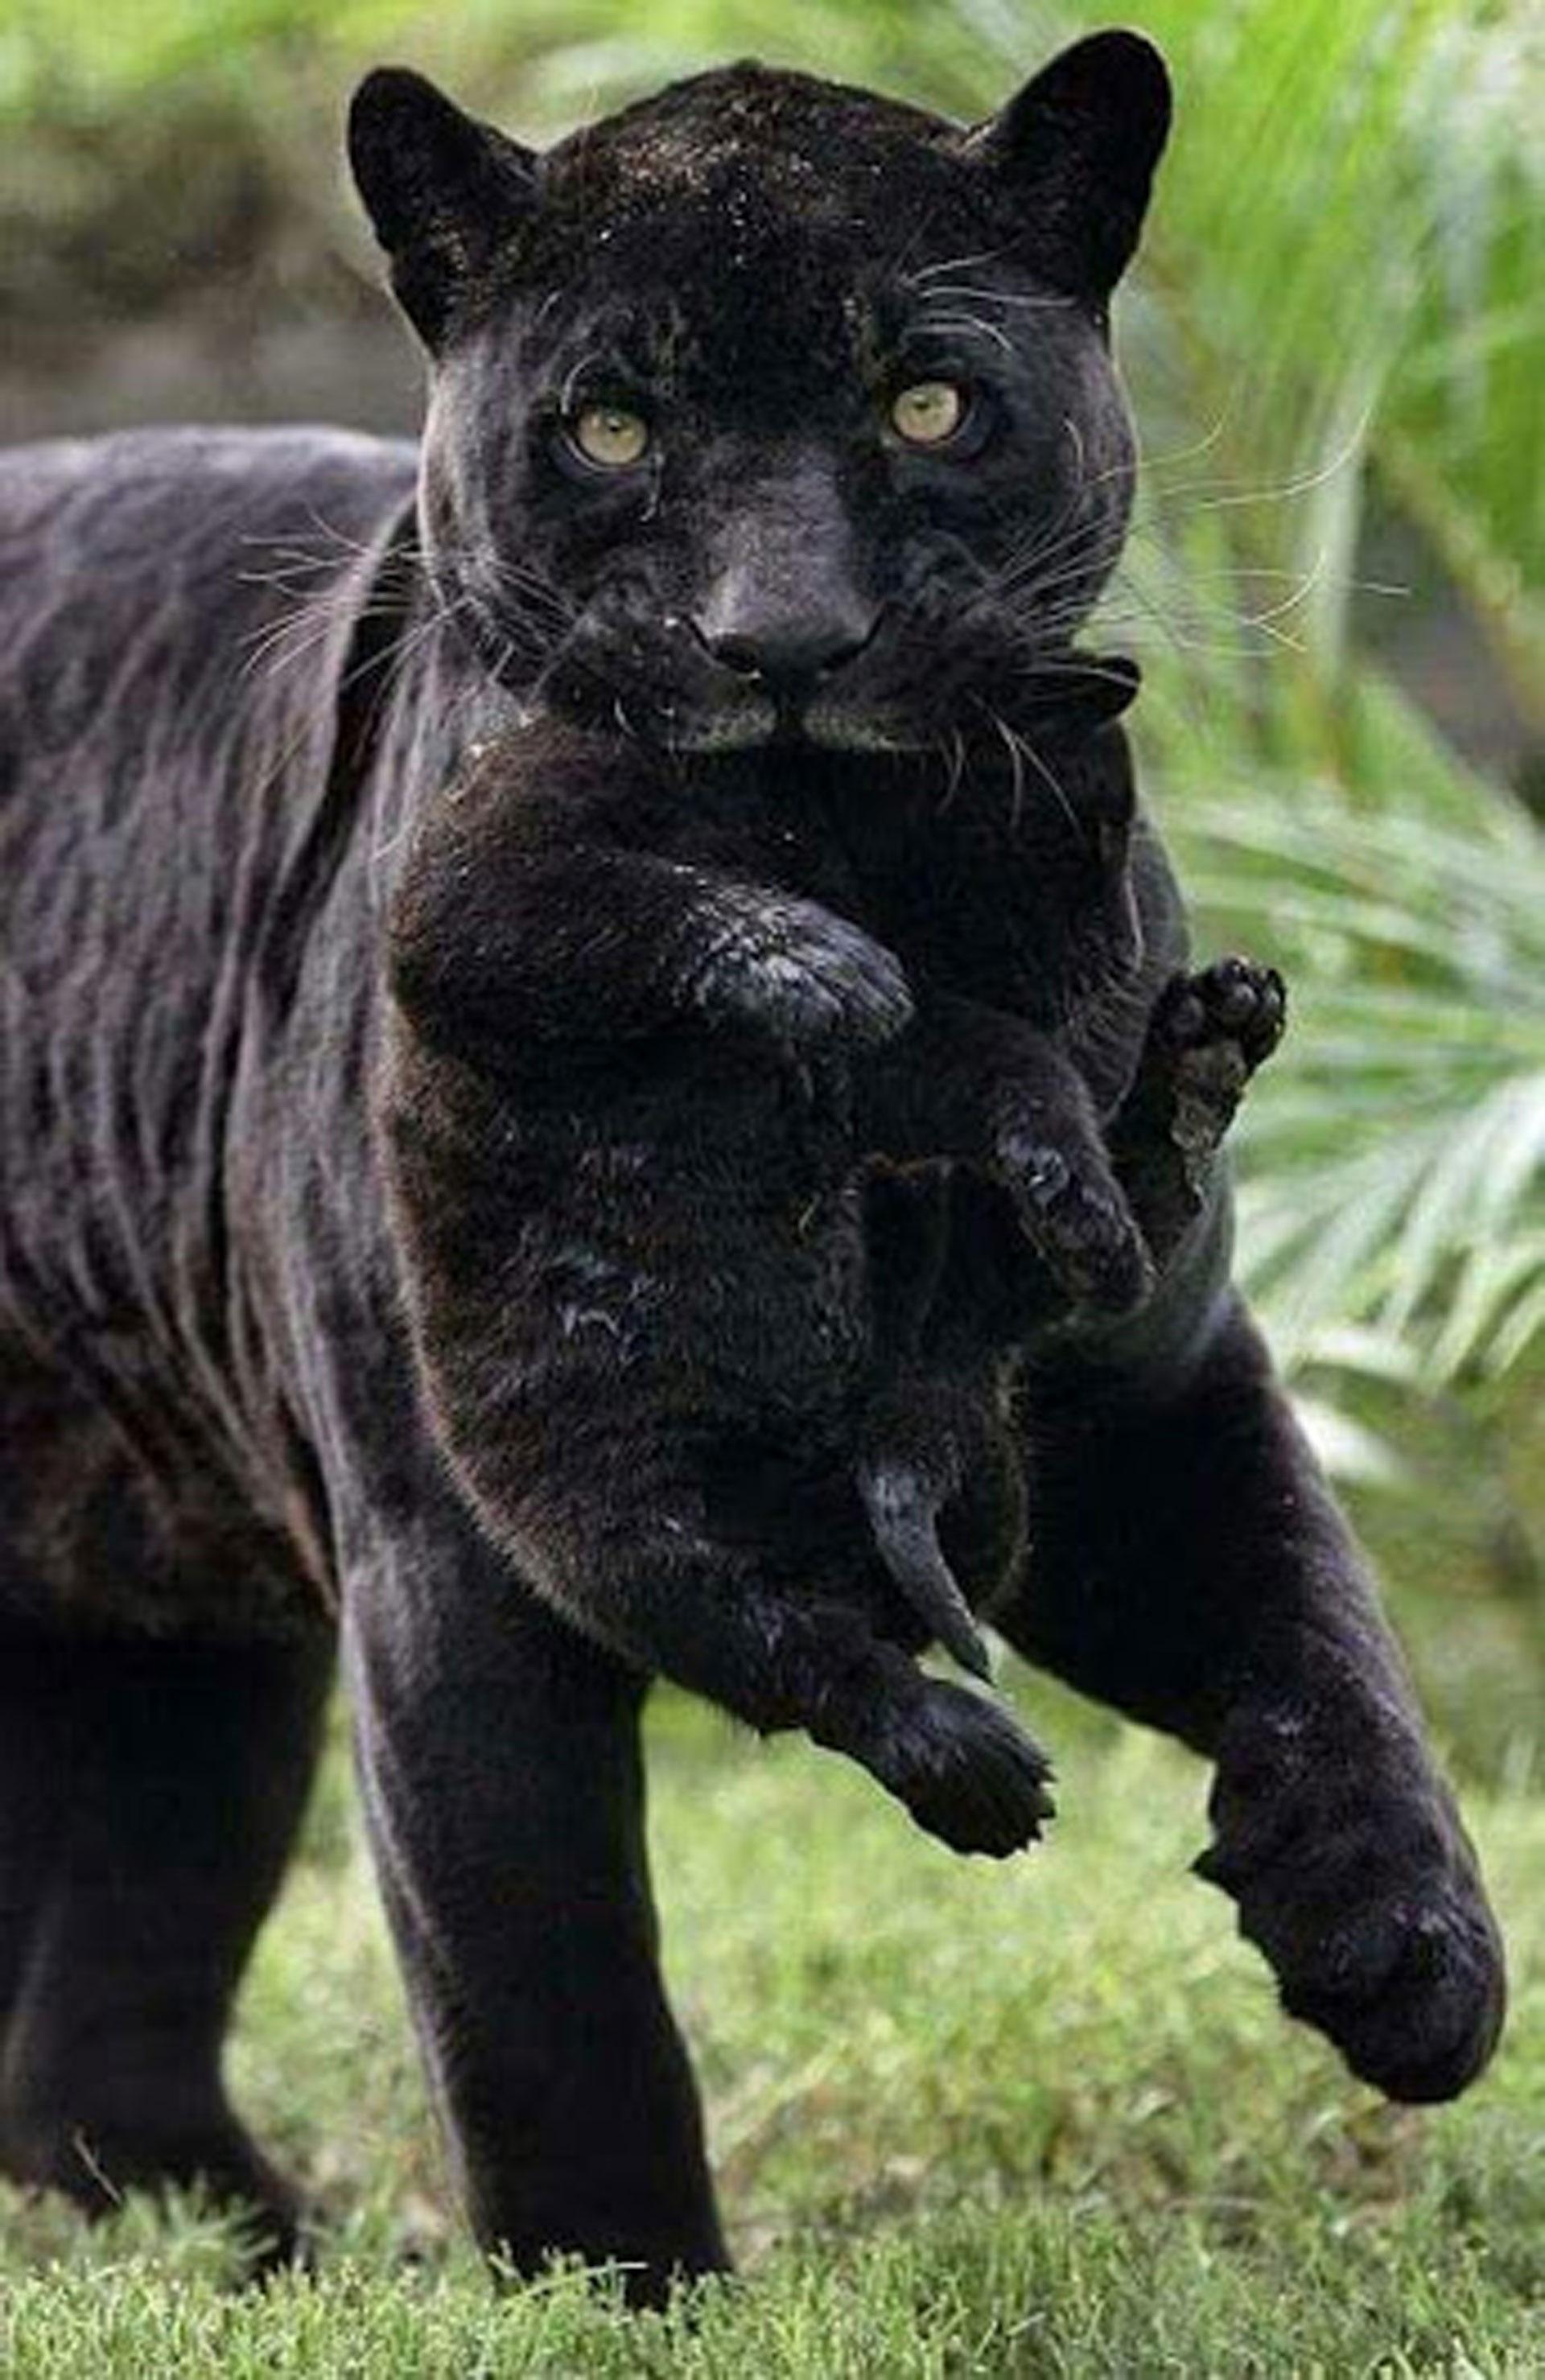 Bien connu Images Gratuites : la nature, forêt, animal, faune, sauvage, vert  DM94